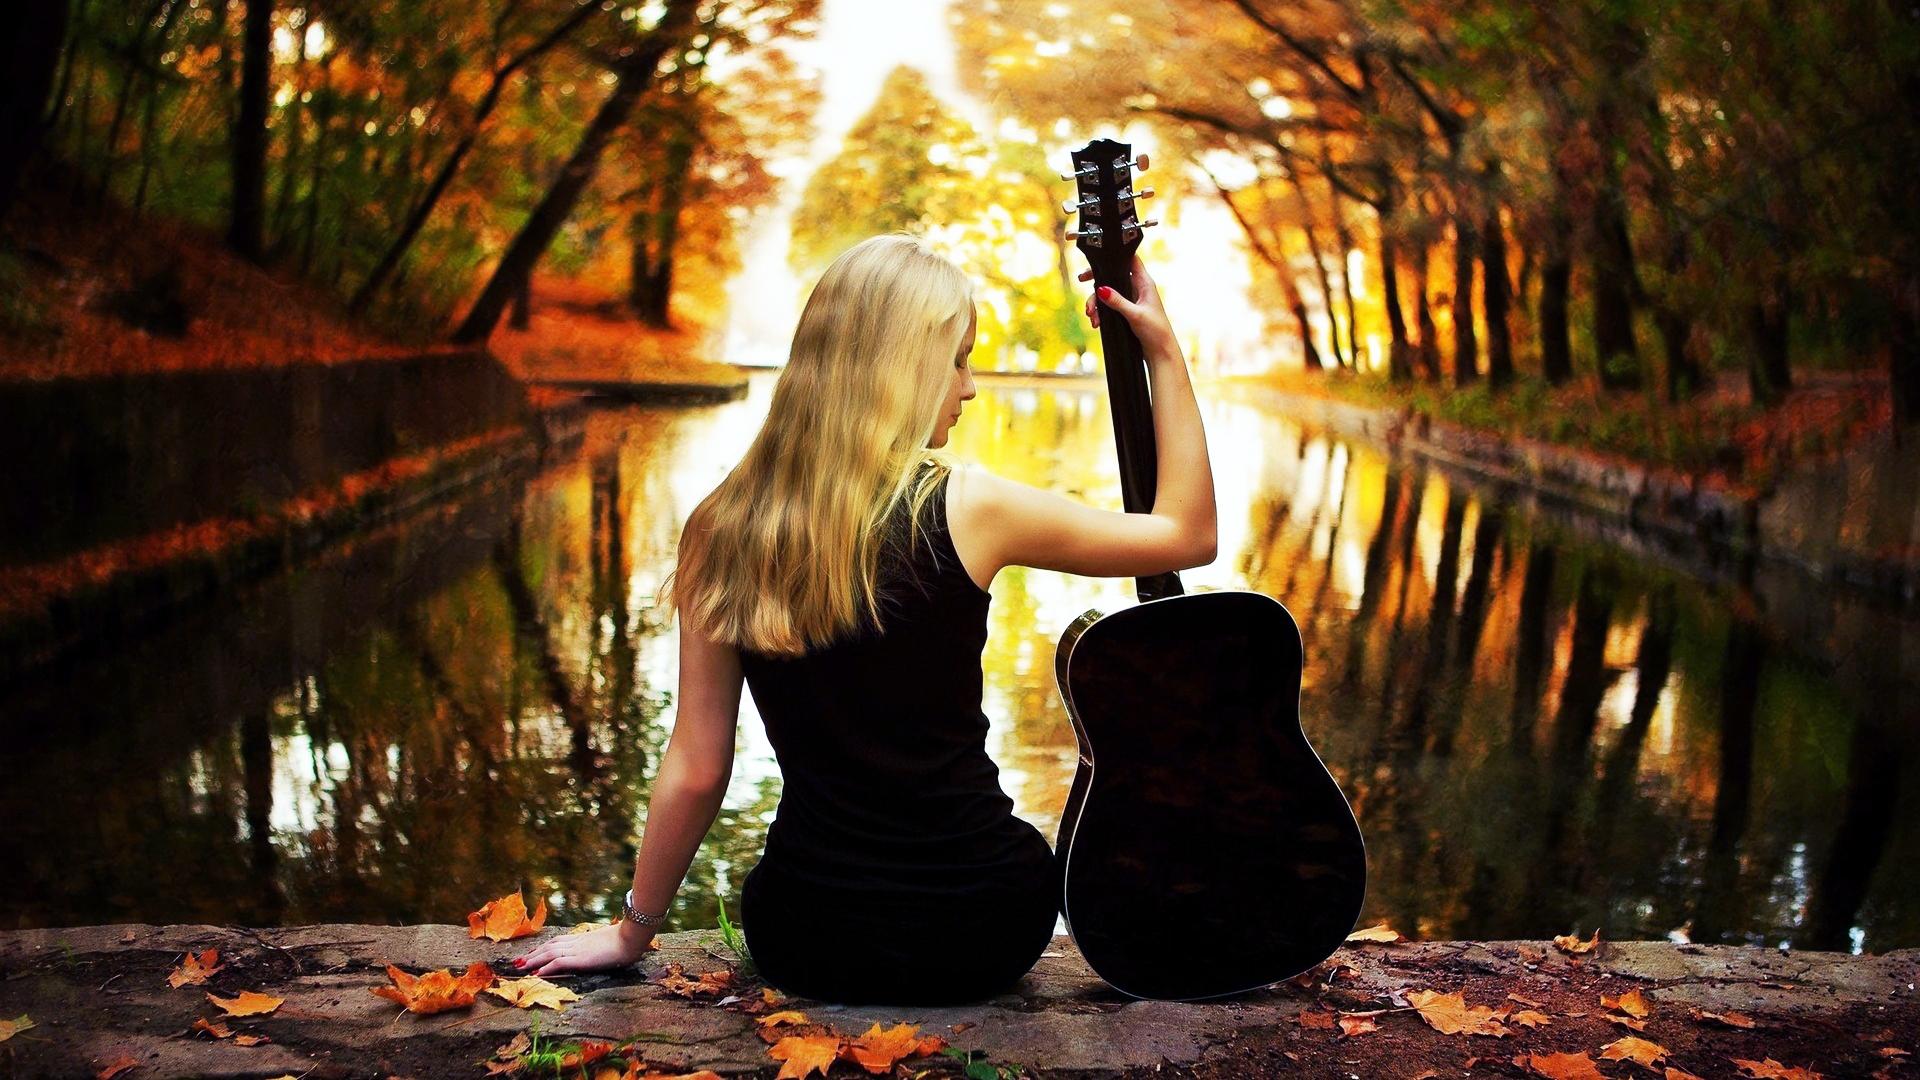 Поздравление на музыку челентано нижней